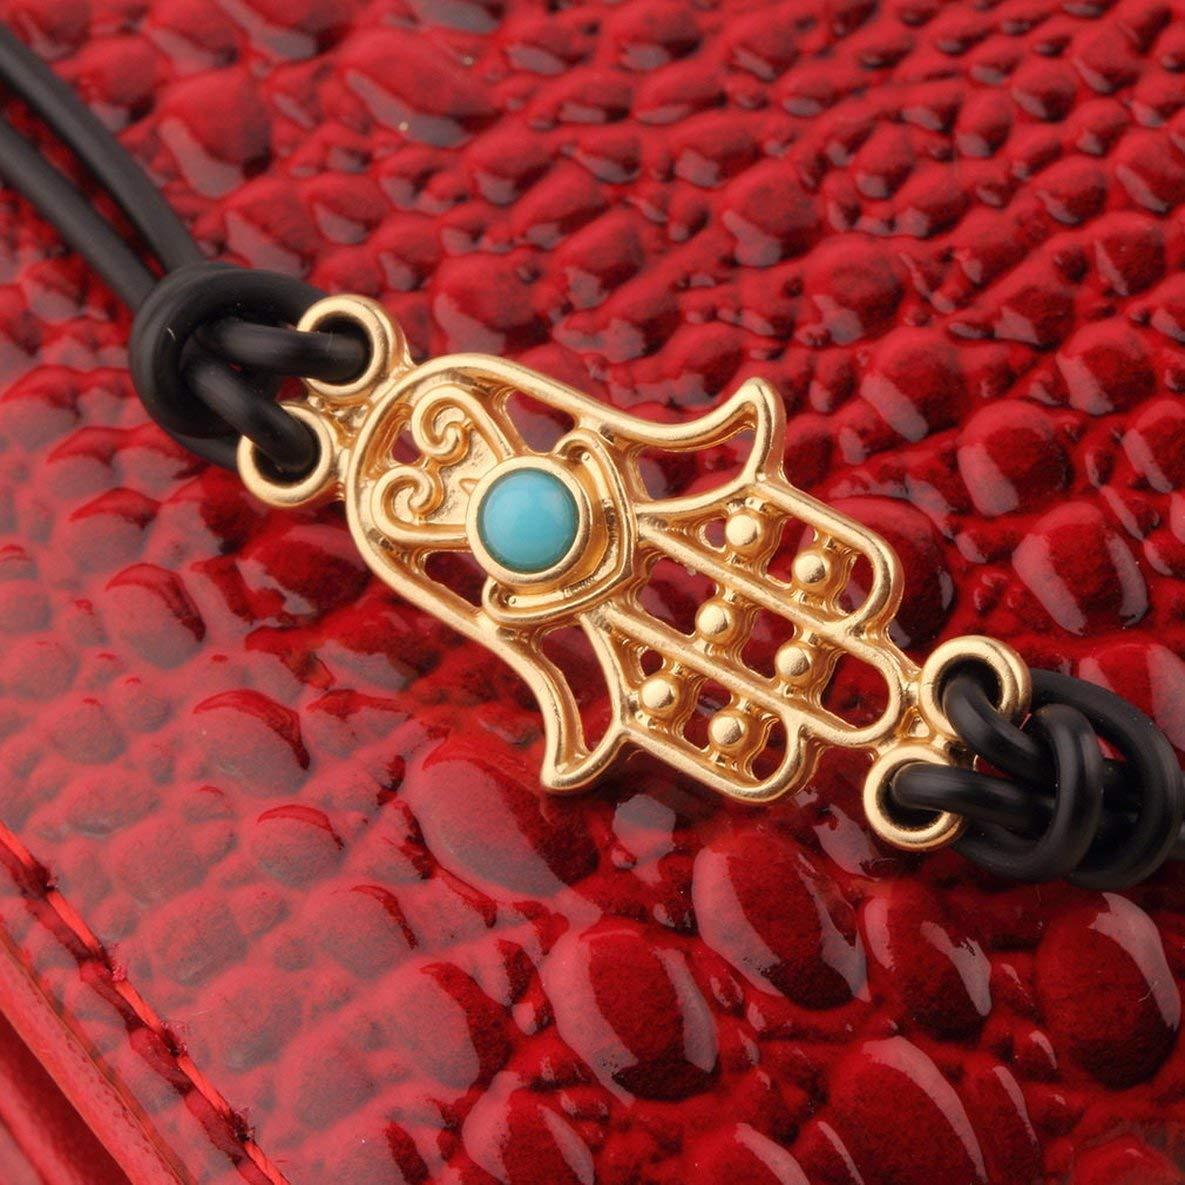 Noradtjcca Bijoux Bracelet en Cuir Plaqu/é Or Ton Charm Hamsa Main Bonne Chance Mauvais Oeil Corde Bracelet pour Femmes